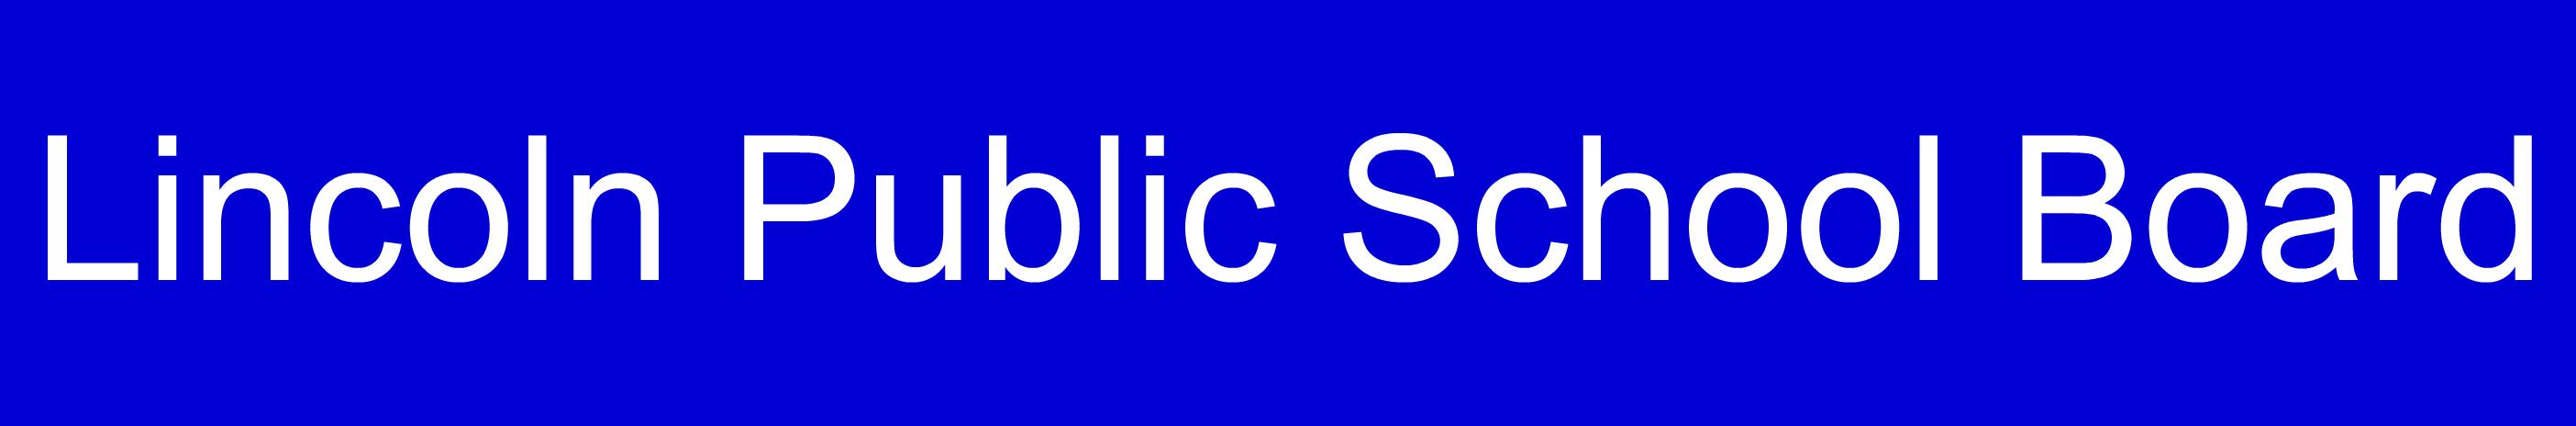 LPS_School_Board.jpg